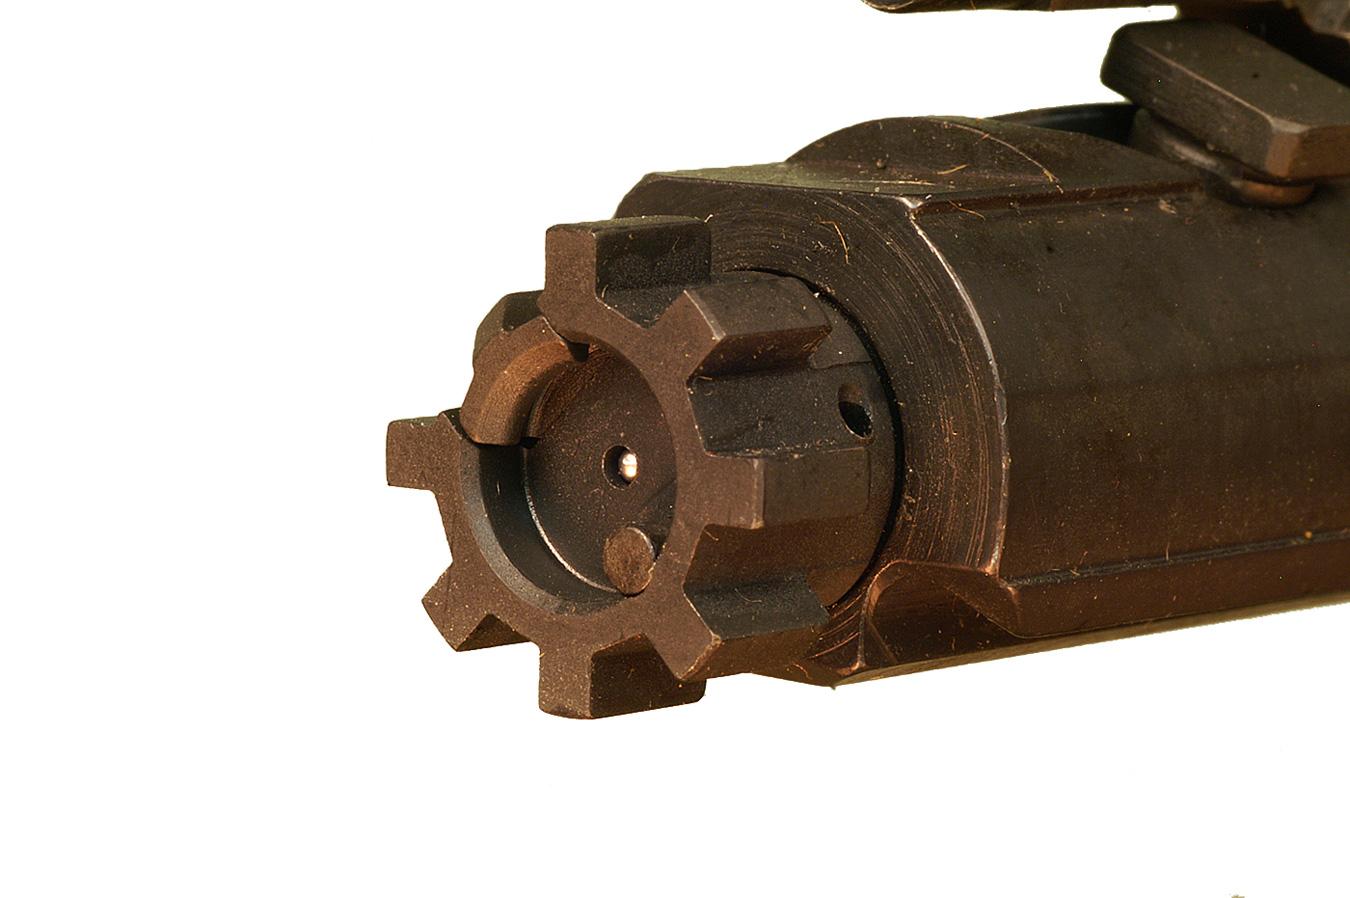 AR-15 rifle extractor